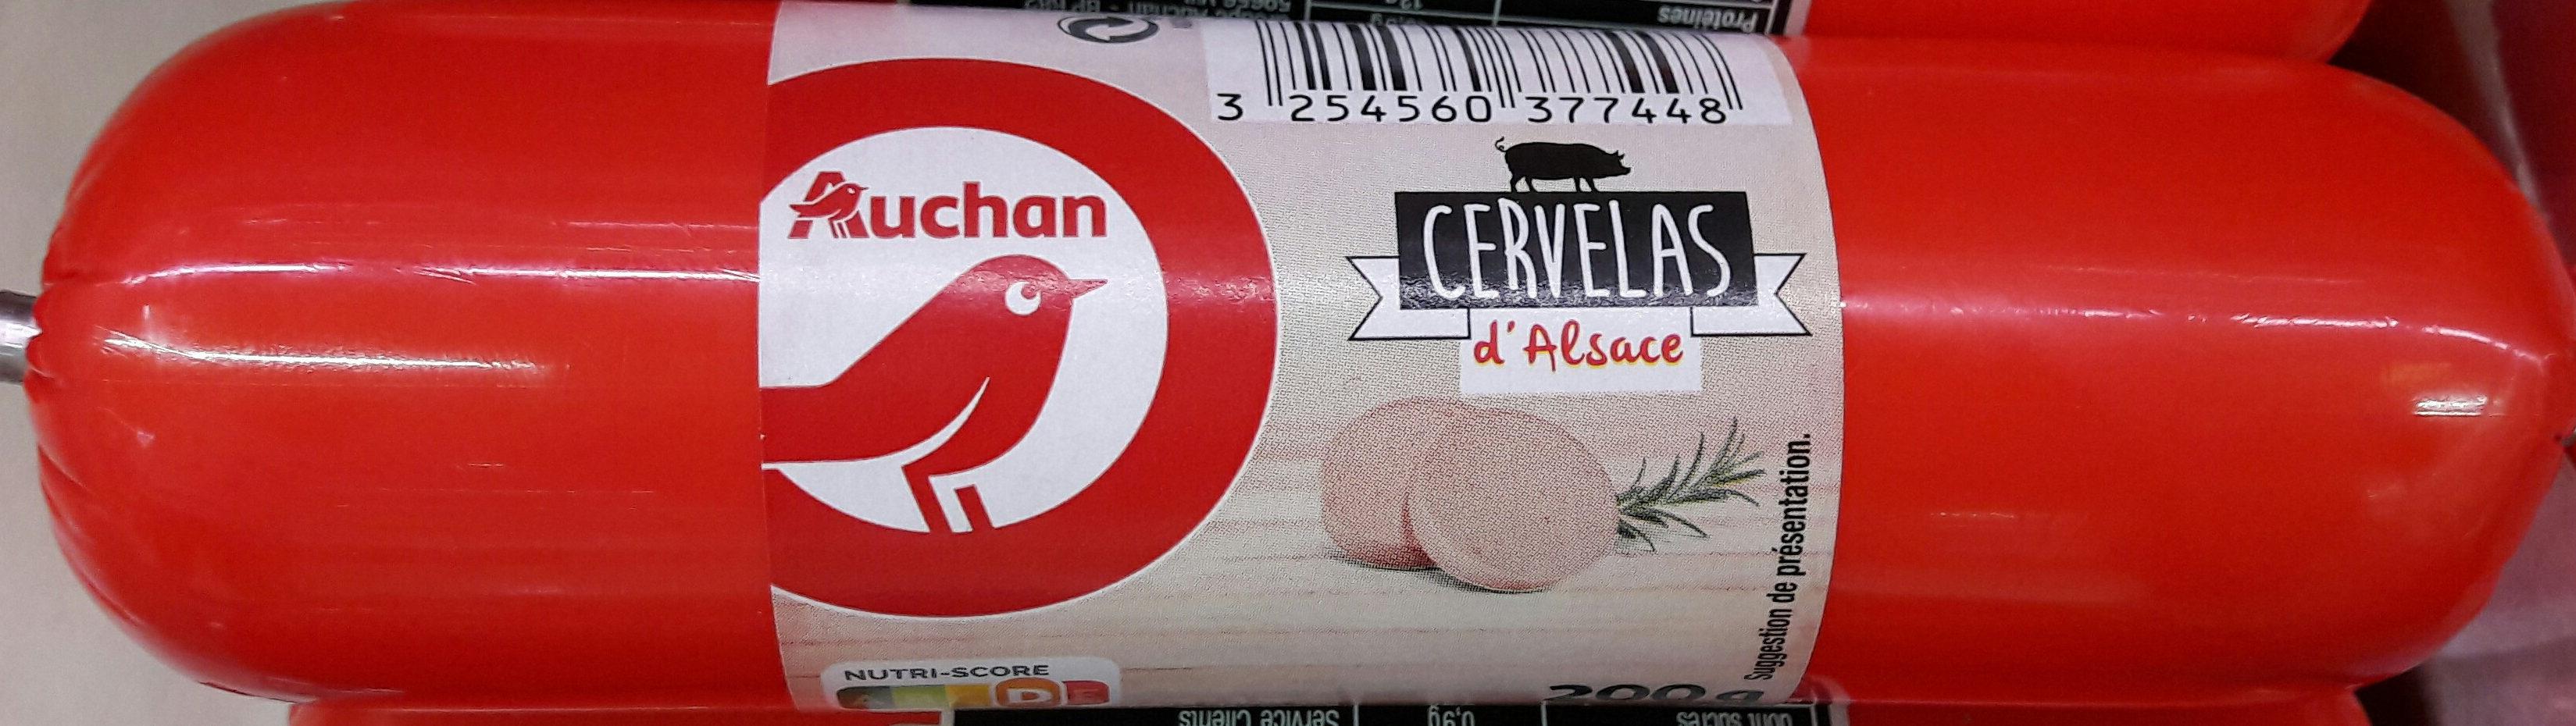 Cervelas d'Alsace - Product